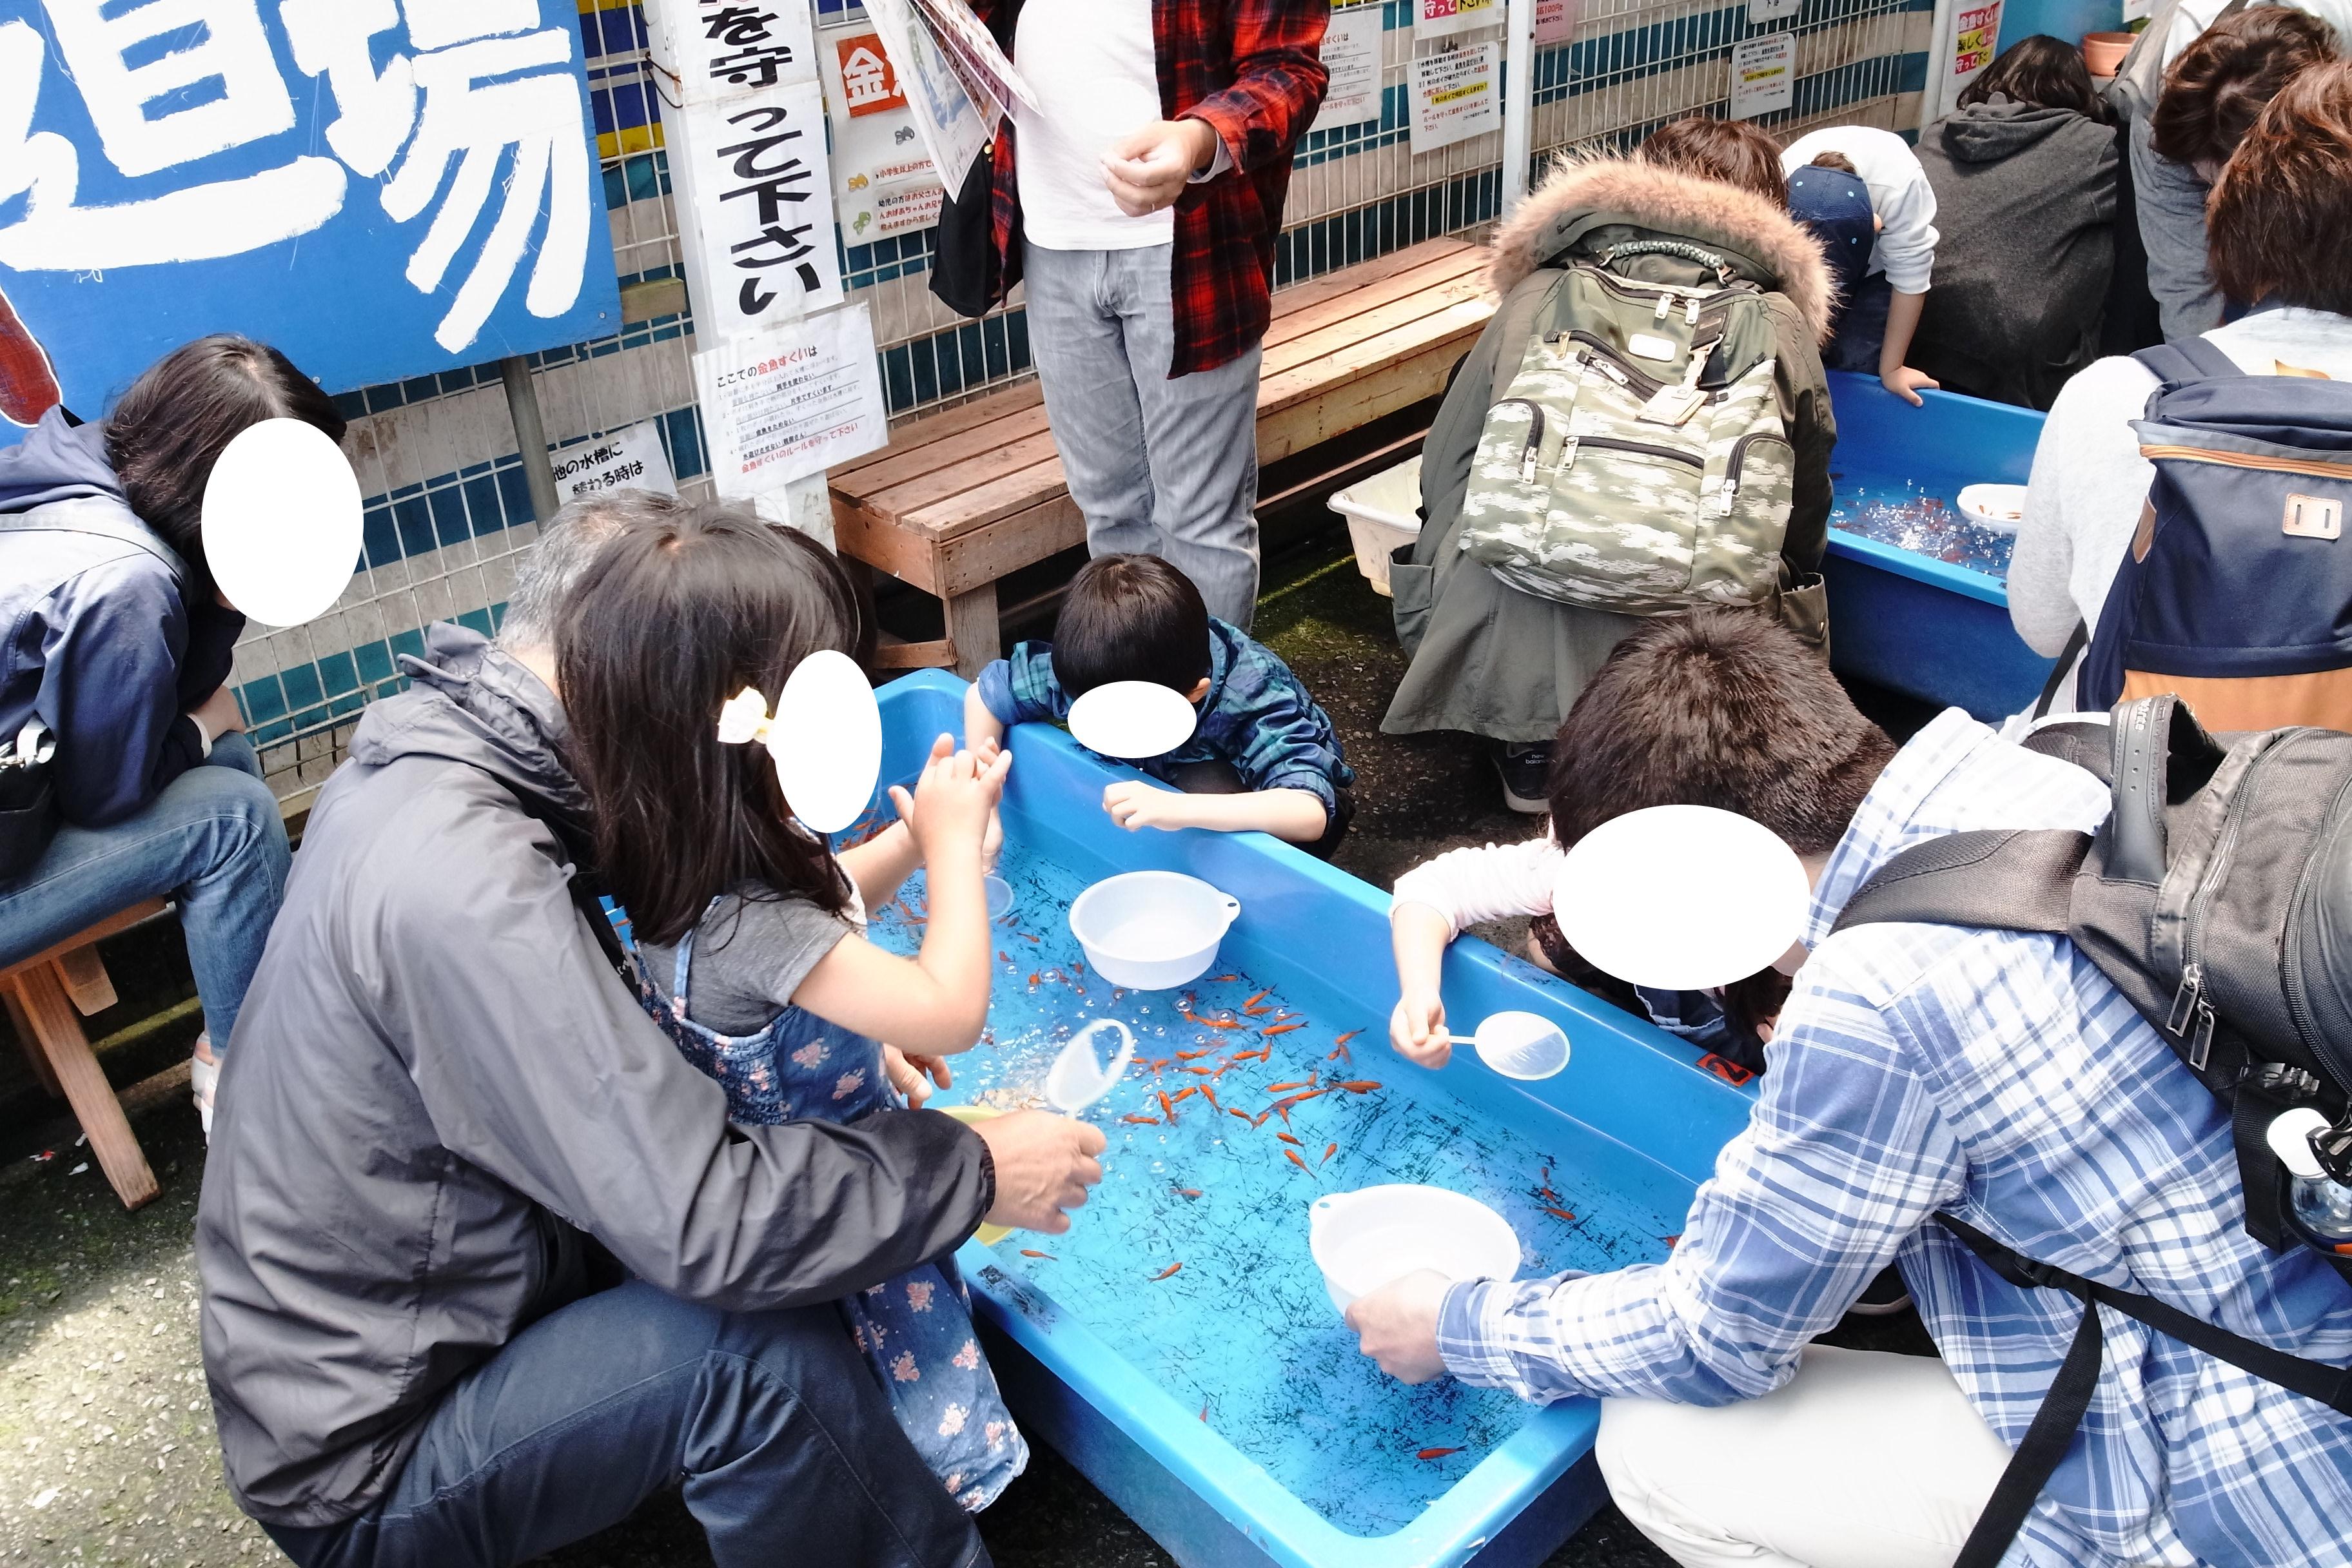 大和郡山で有名な「金魚すくい道場」に行ってきました!11時も過ぎると、ご覧の通り。大混雑でした。